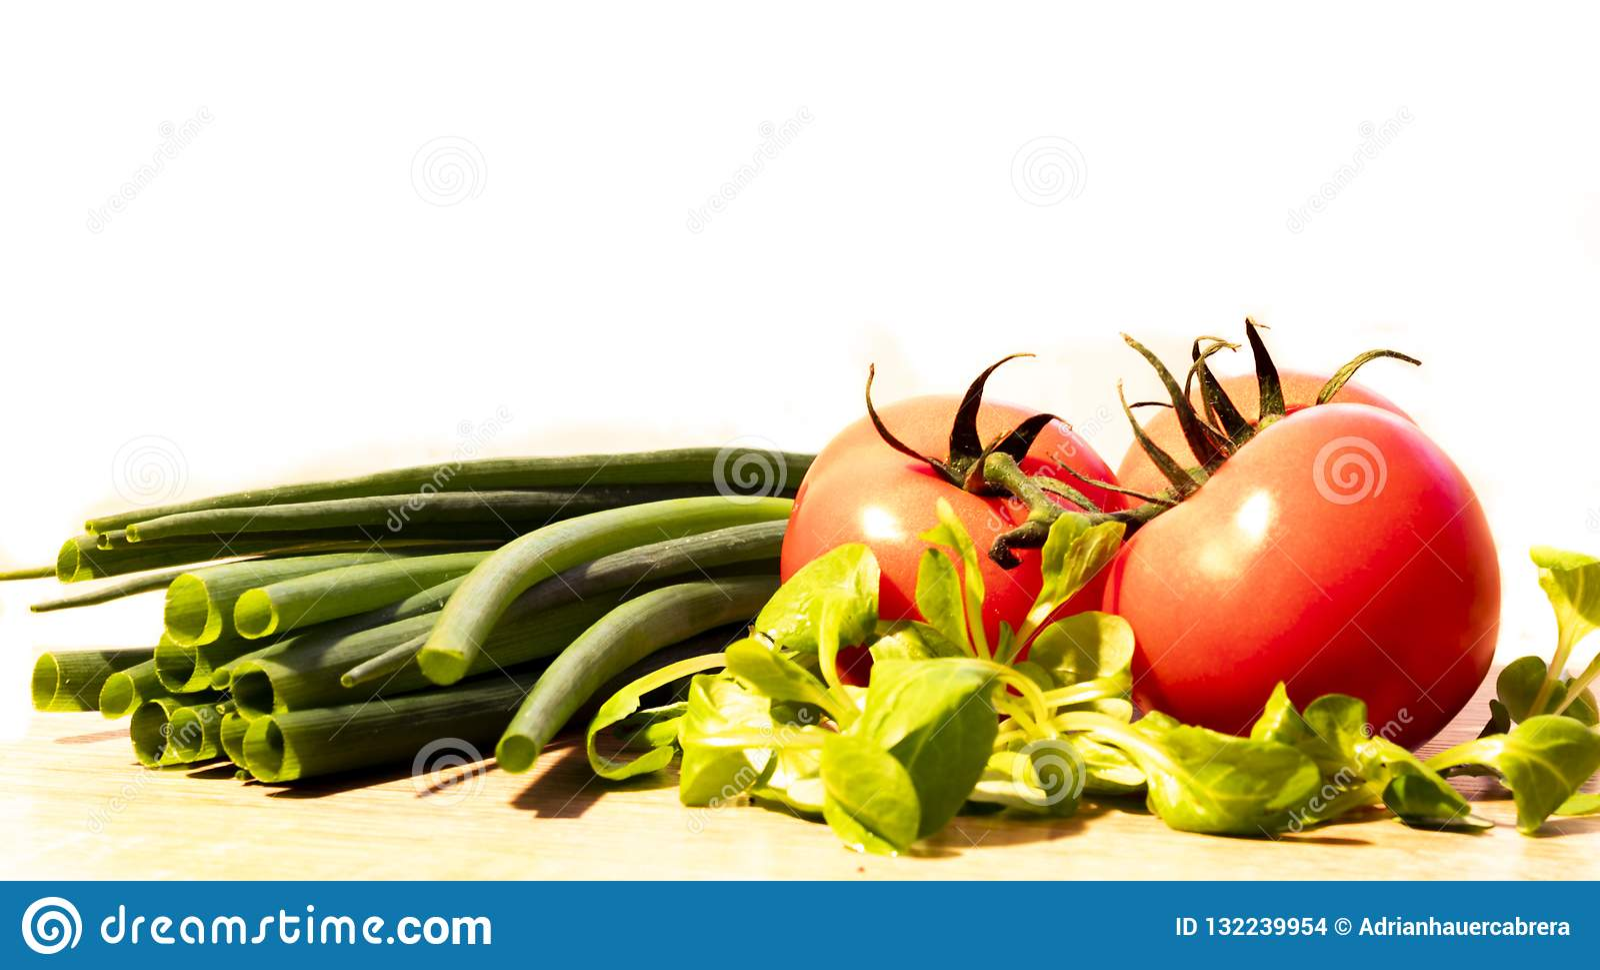 Tomates et poireaux Salade